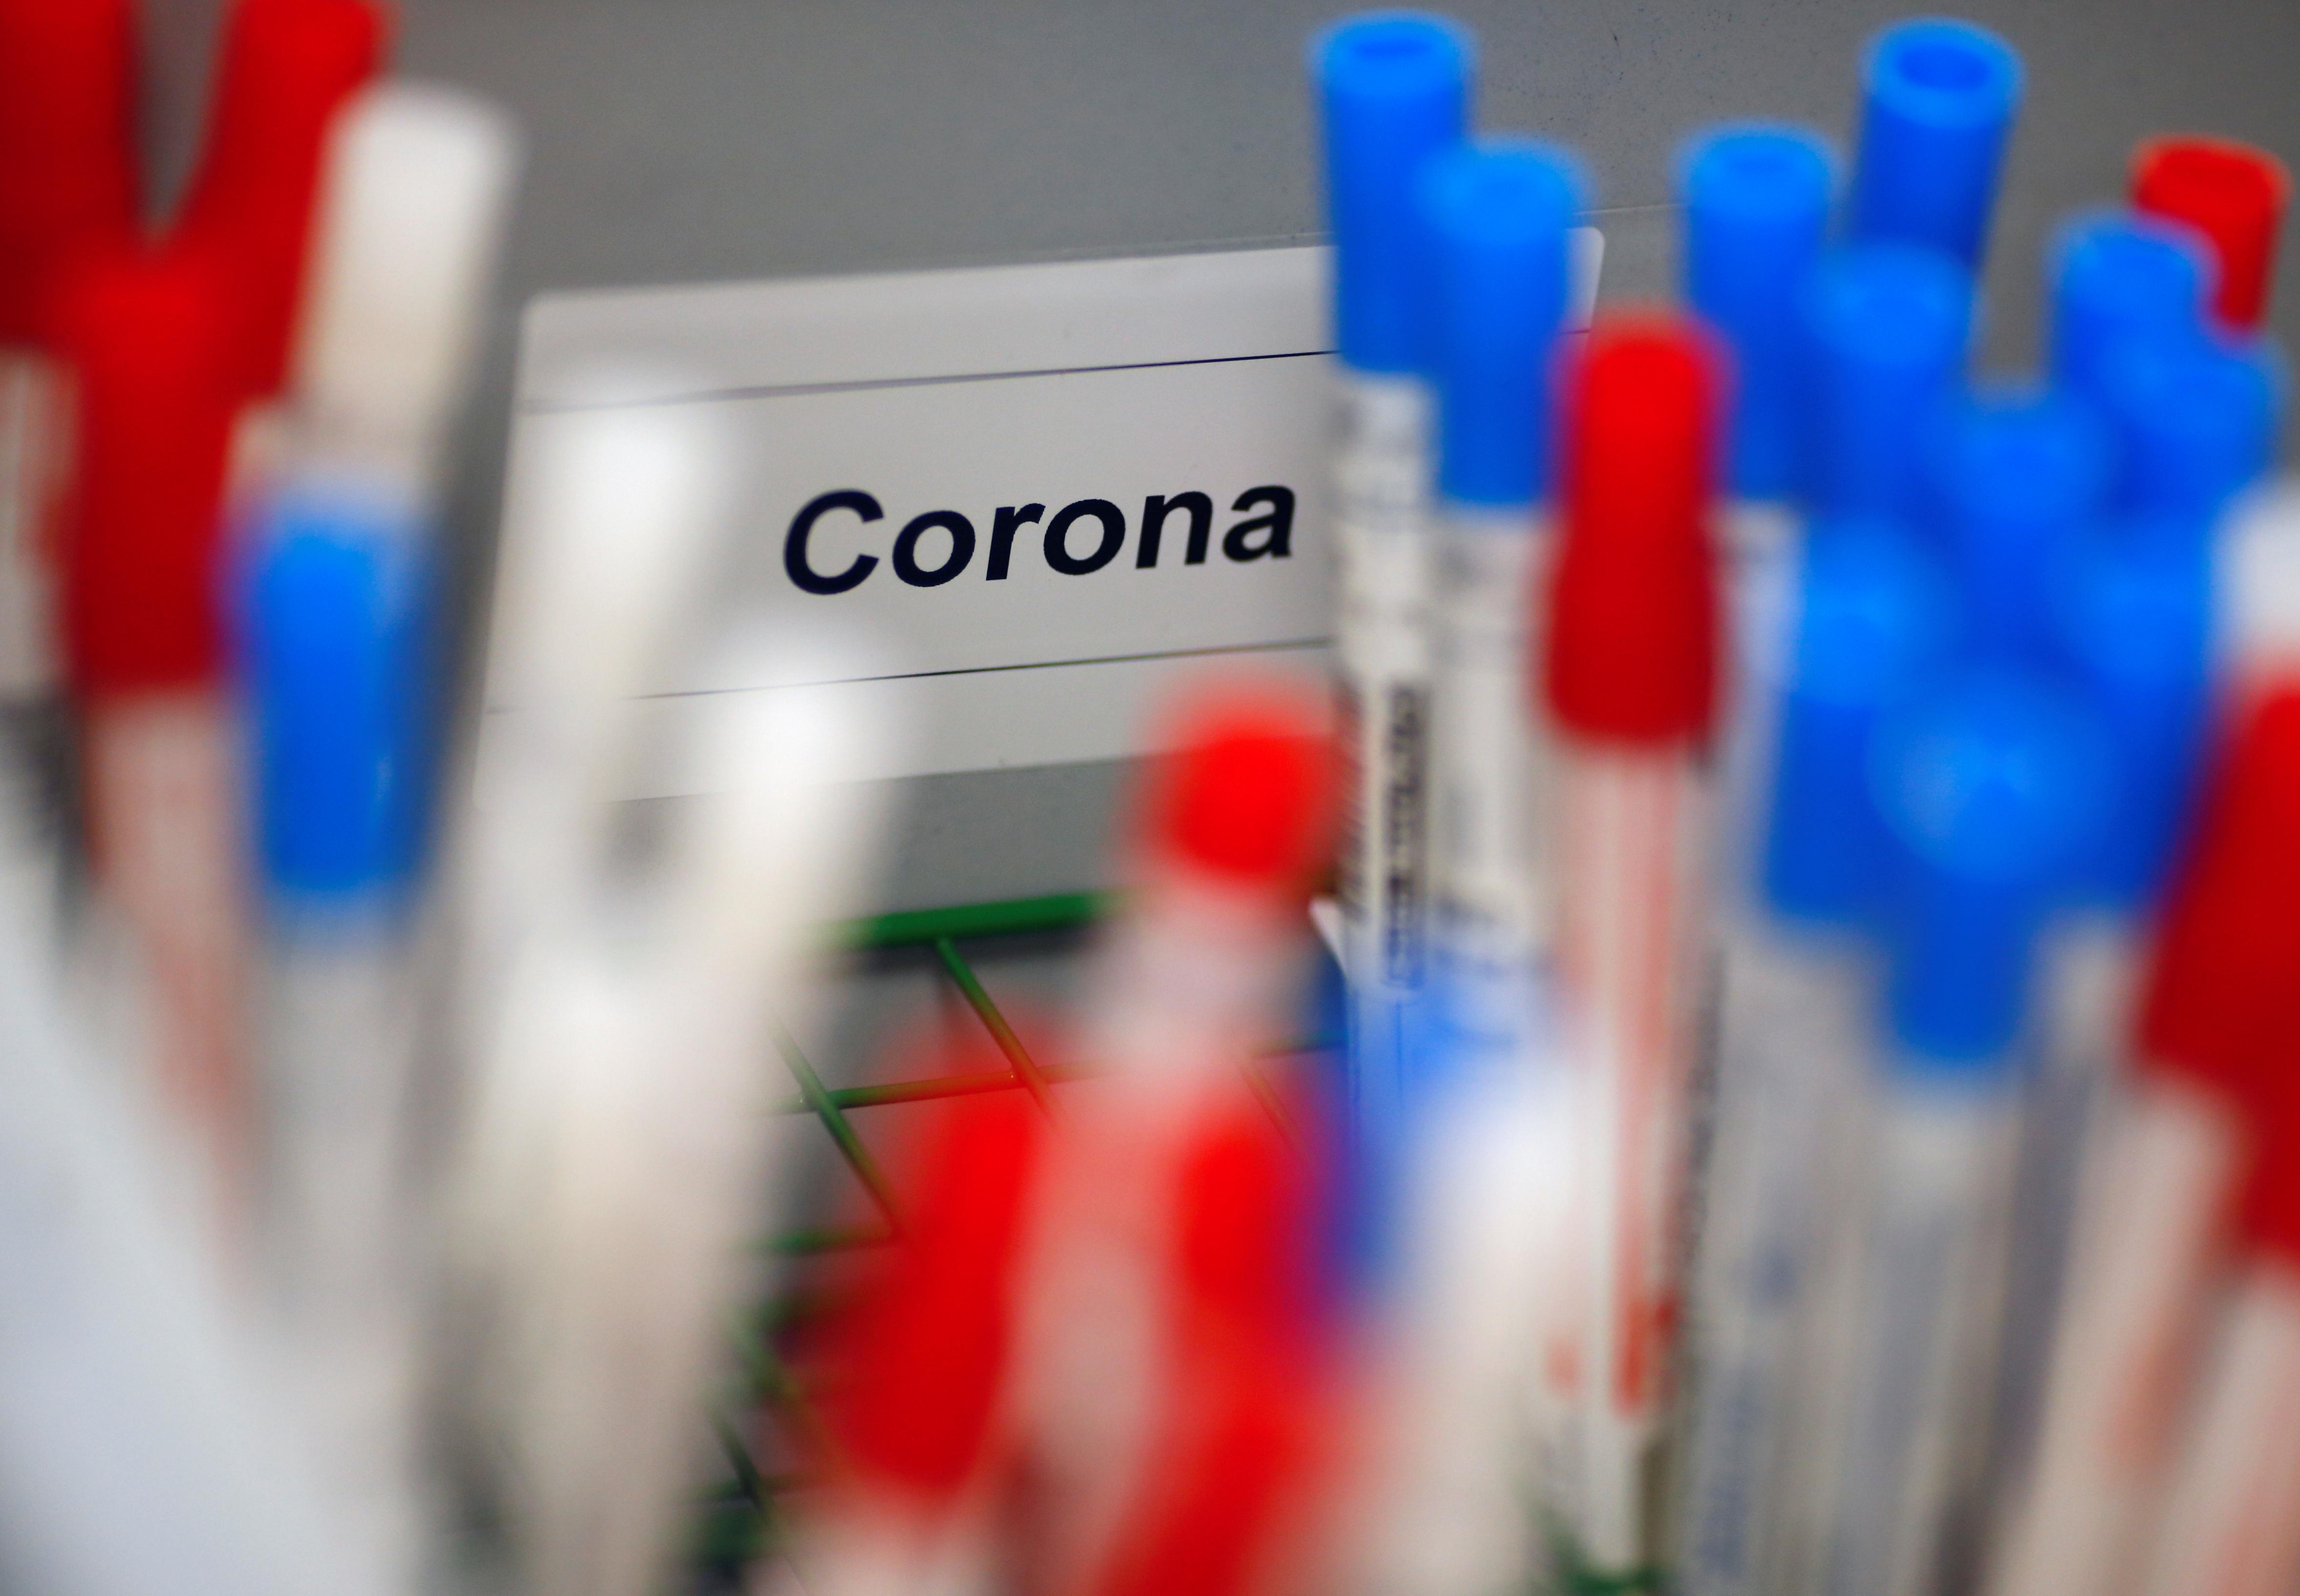 Planos cobrirão teste sorológico de Covid-19, determina ANS